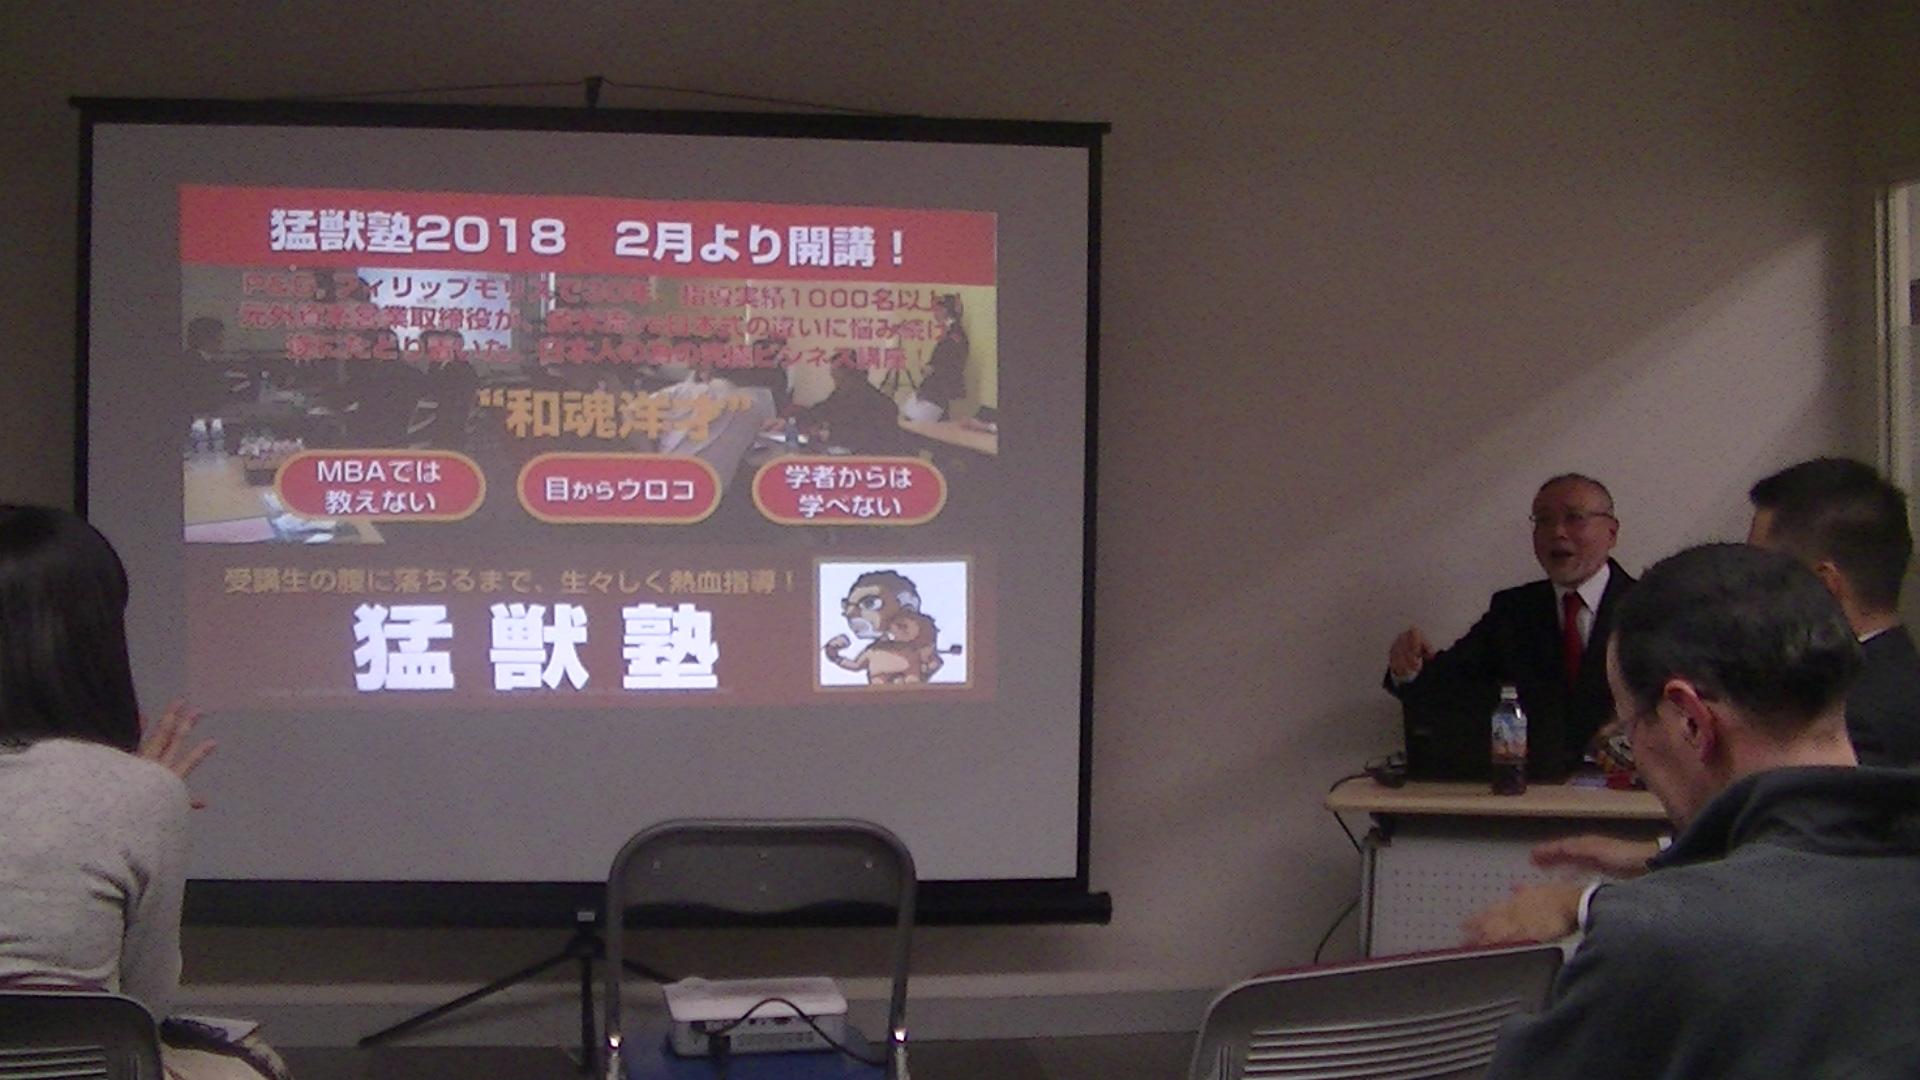 PIC 0105 - 猛獣塾全国活動中